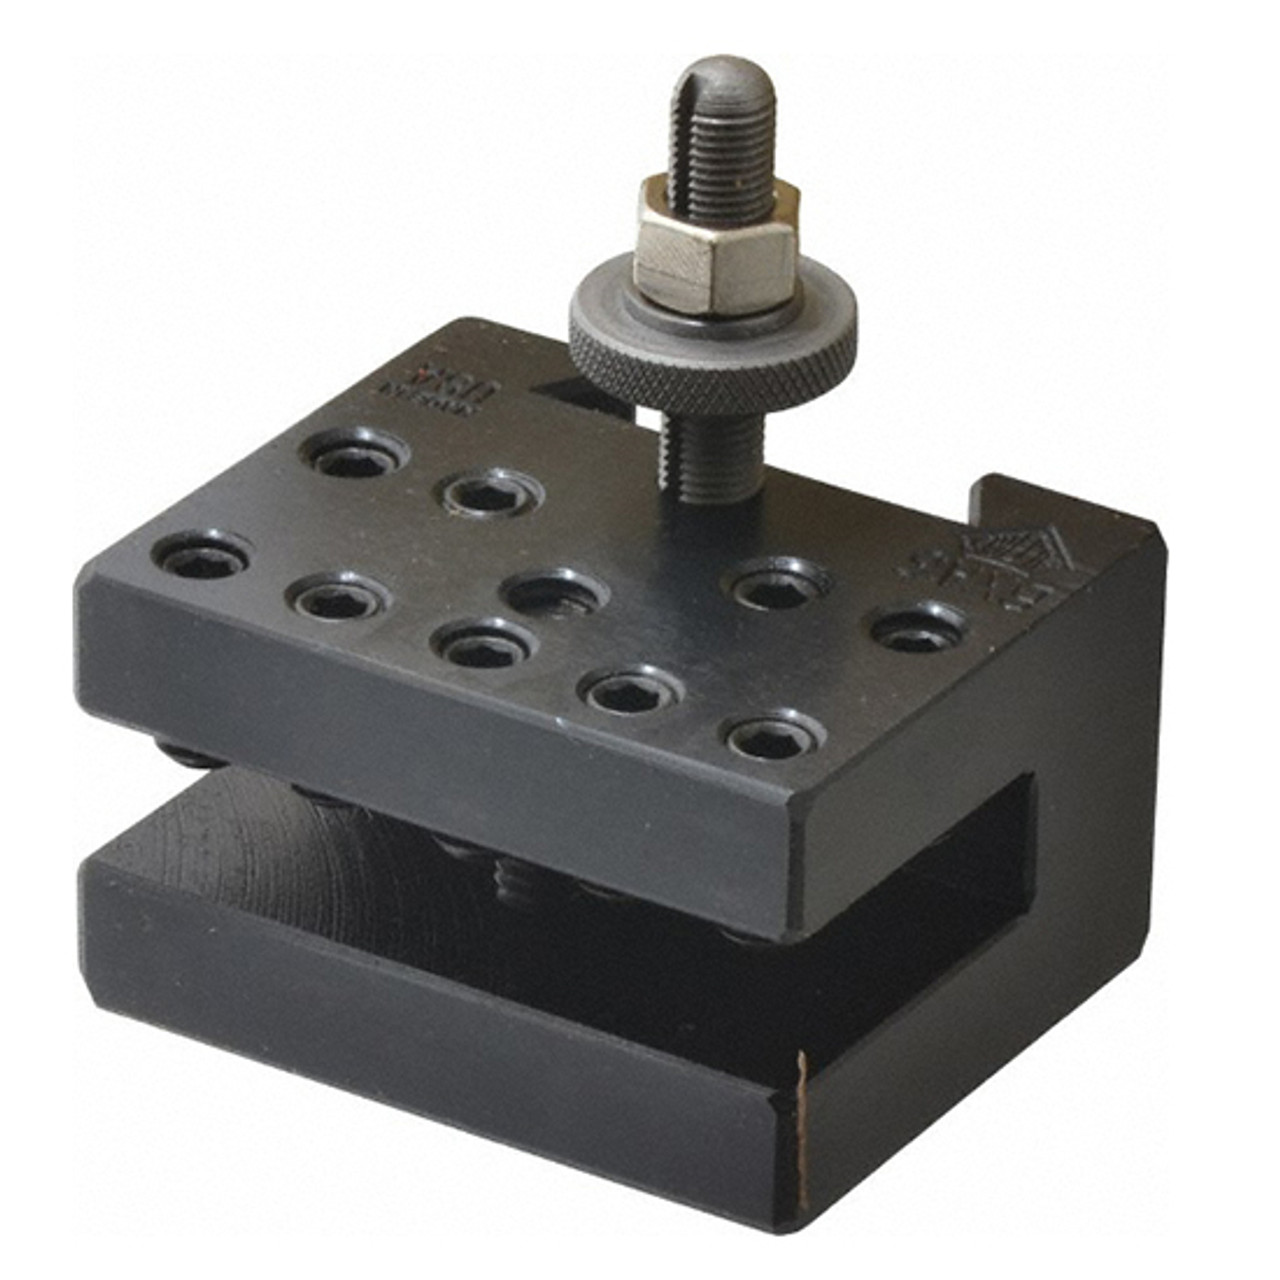 Aloris Tool AXA-6 Multiple Tool Holder